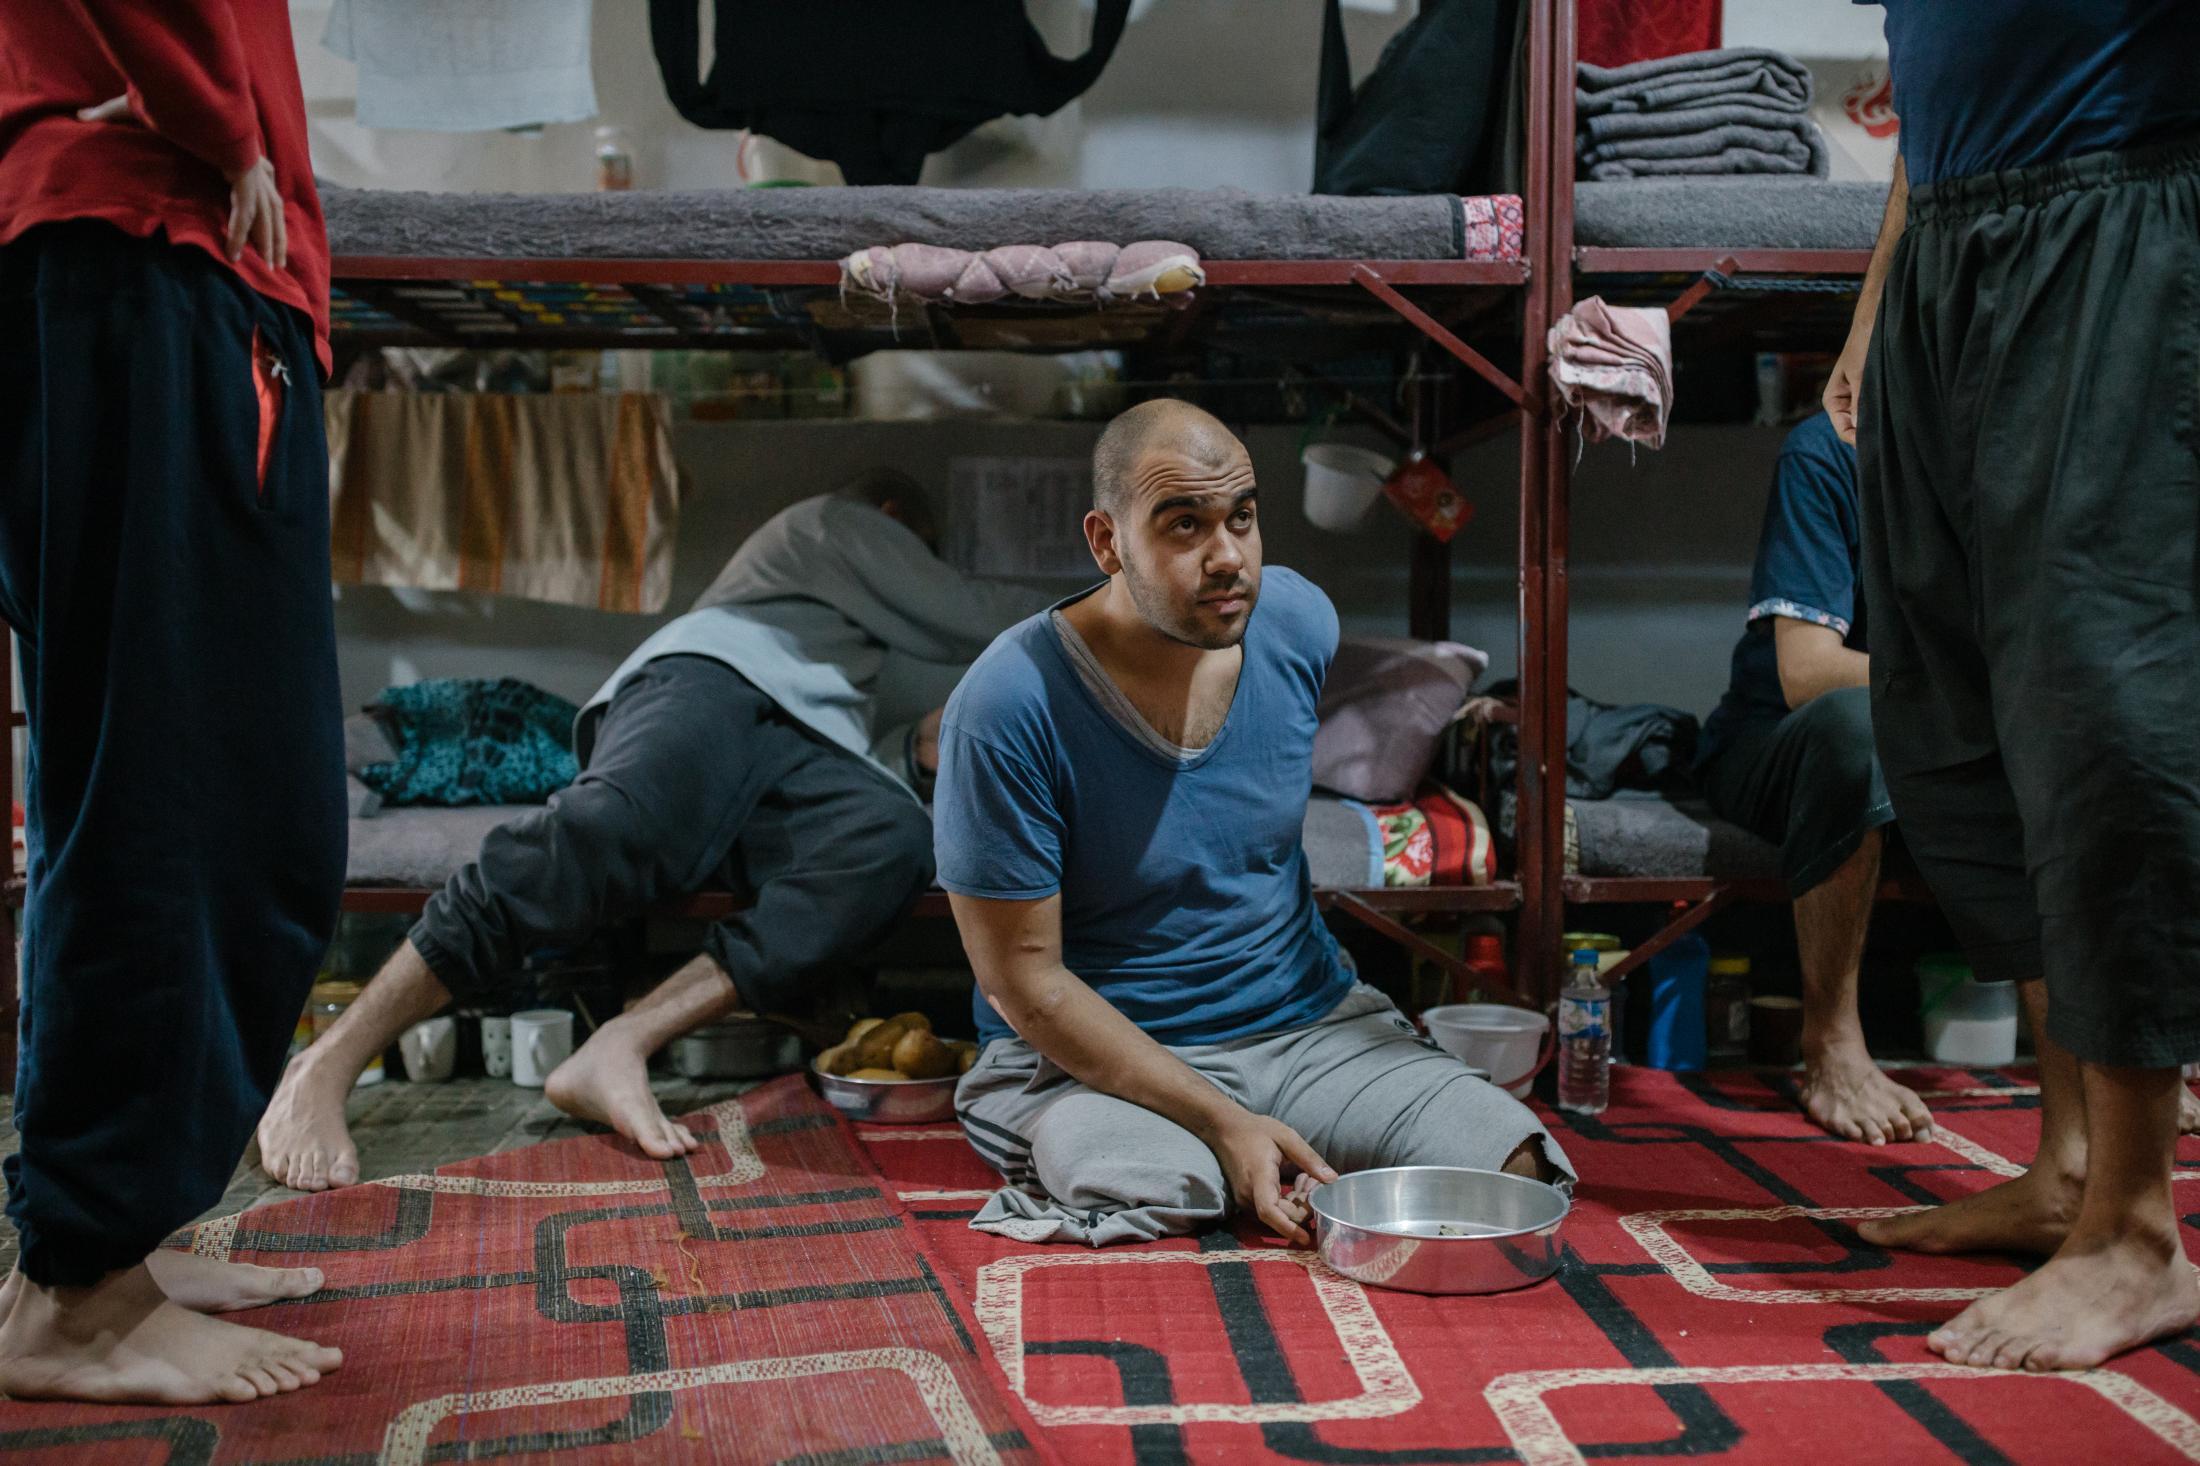 Le 28 octobre 2019. Prison où des membres suspectés d'appartenir à l'Etat islamique sont détenus. Dans cette cellule, des étrangers: Russes, anglais, tunisiens, marocains, saoudiens...Le dejeuner vient d'être apporté. Il est partager équitablement par les detenus. Un jihadiste anglais attend sa ration. Il a été amputé suite à un bombardement.